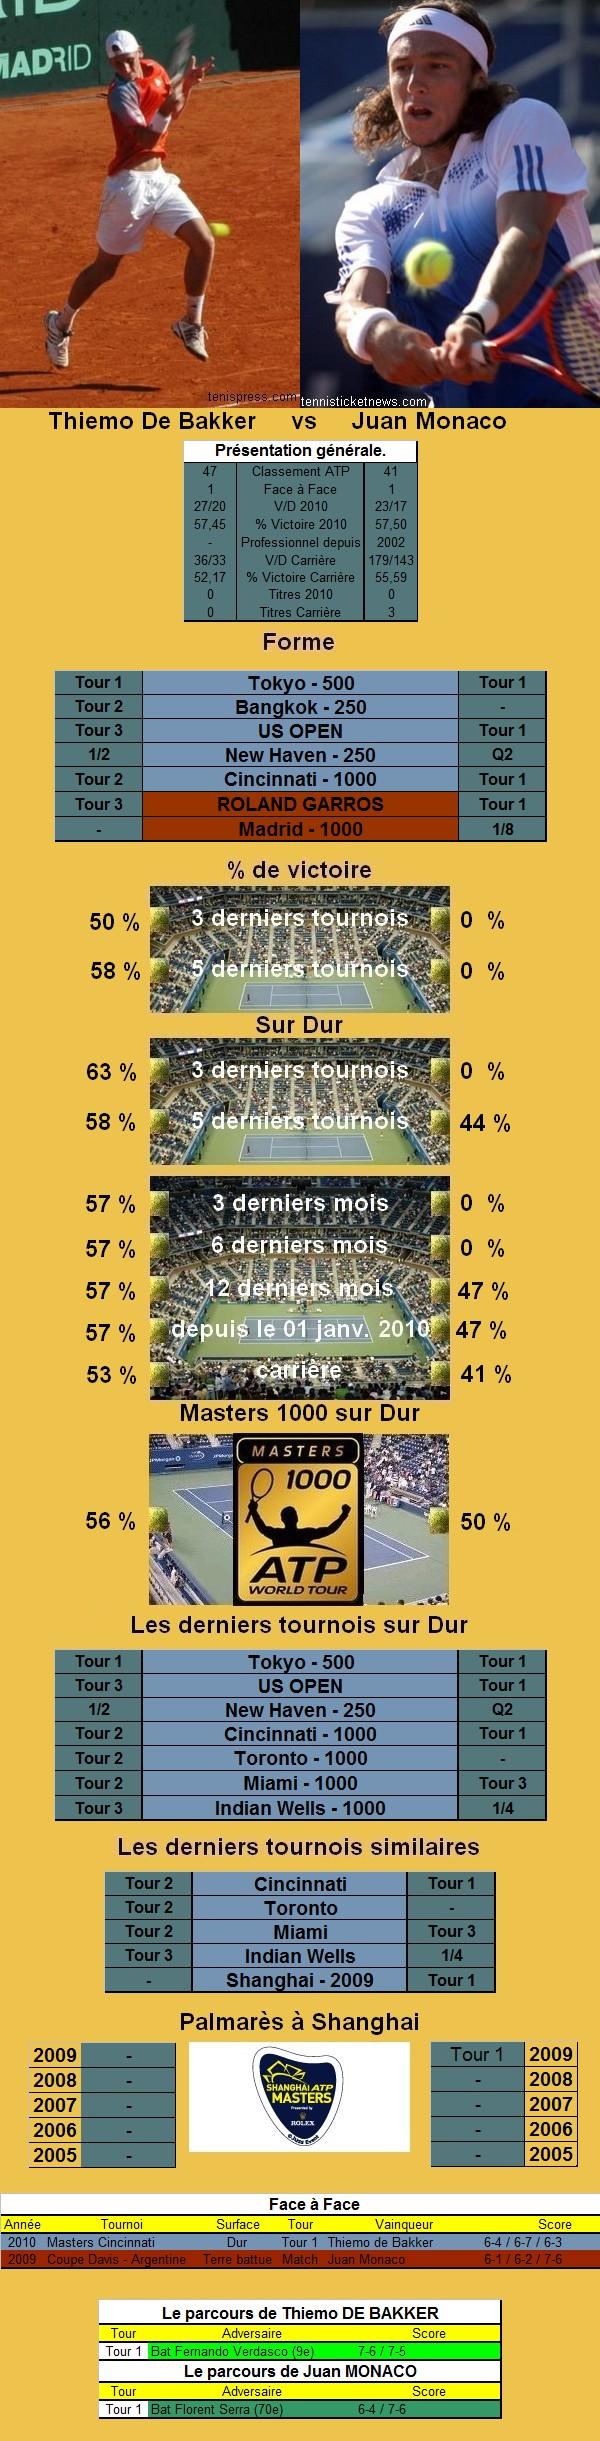 Statistiques tennis de de Bakker contre Monaco à Shanghai